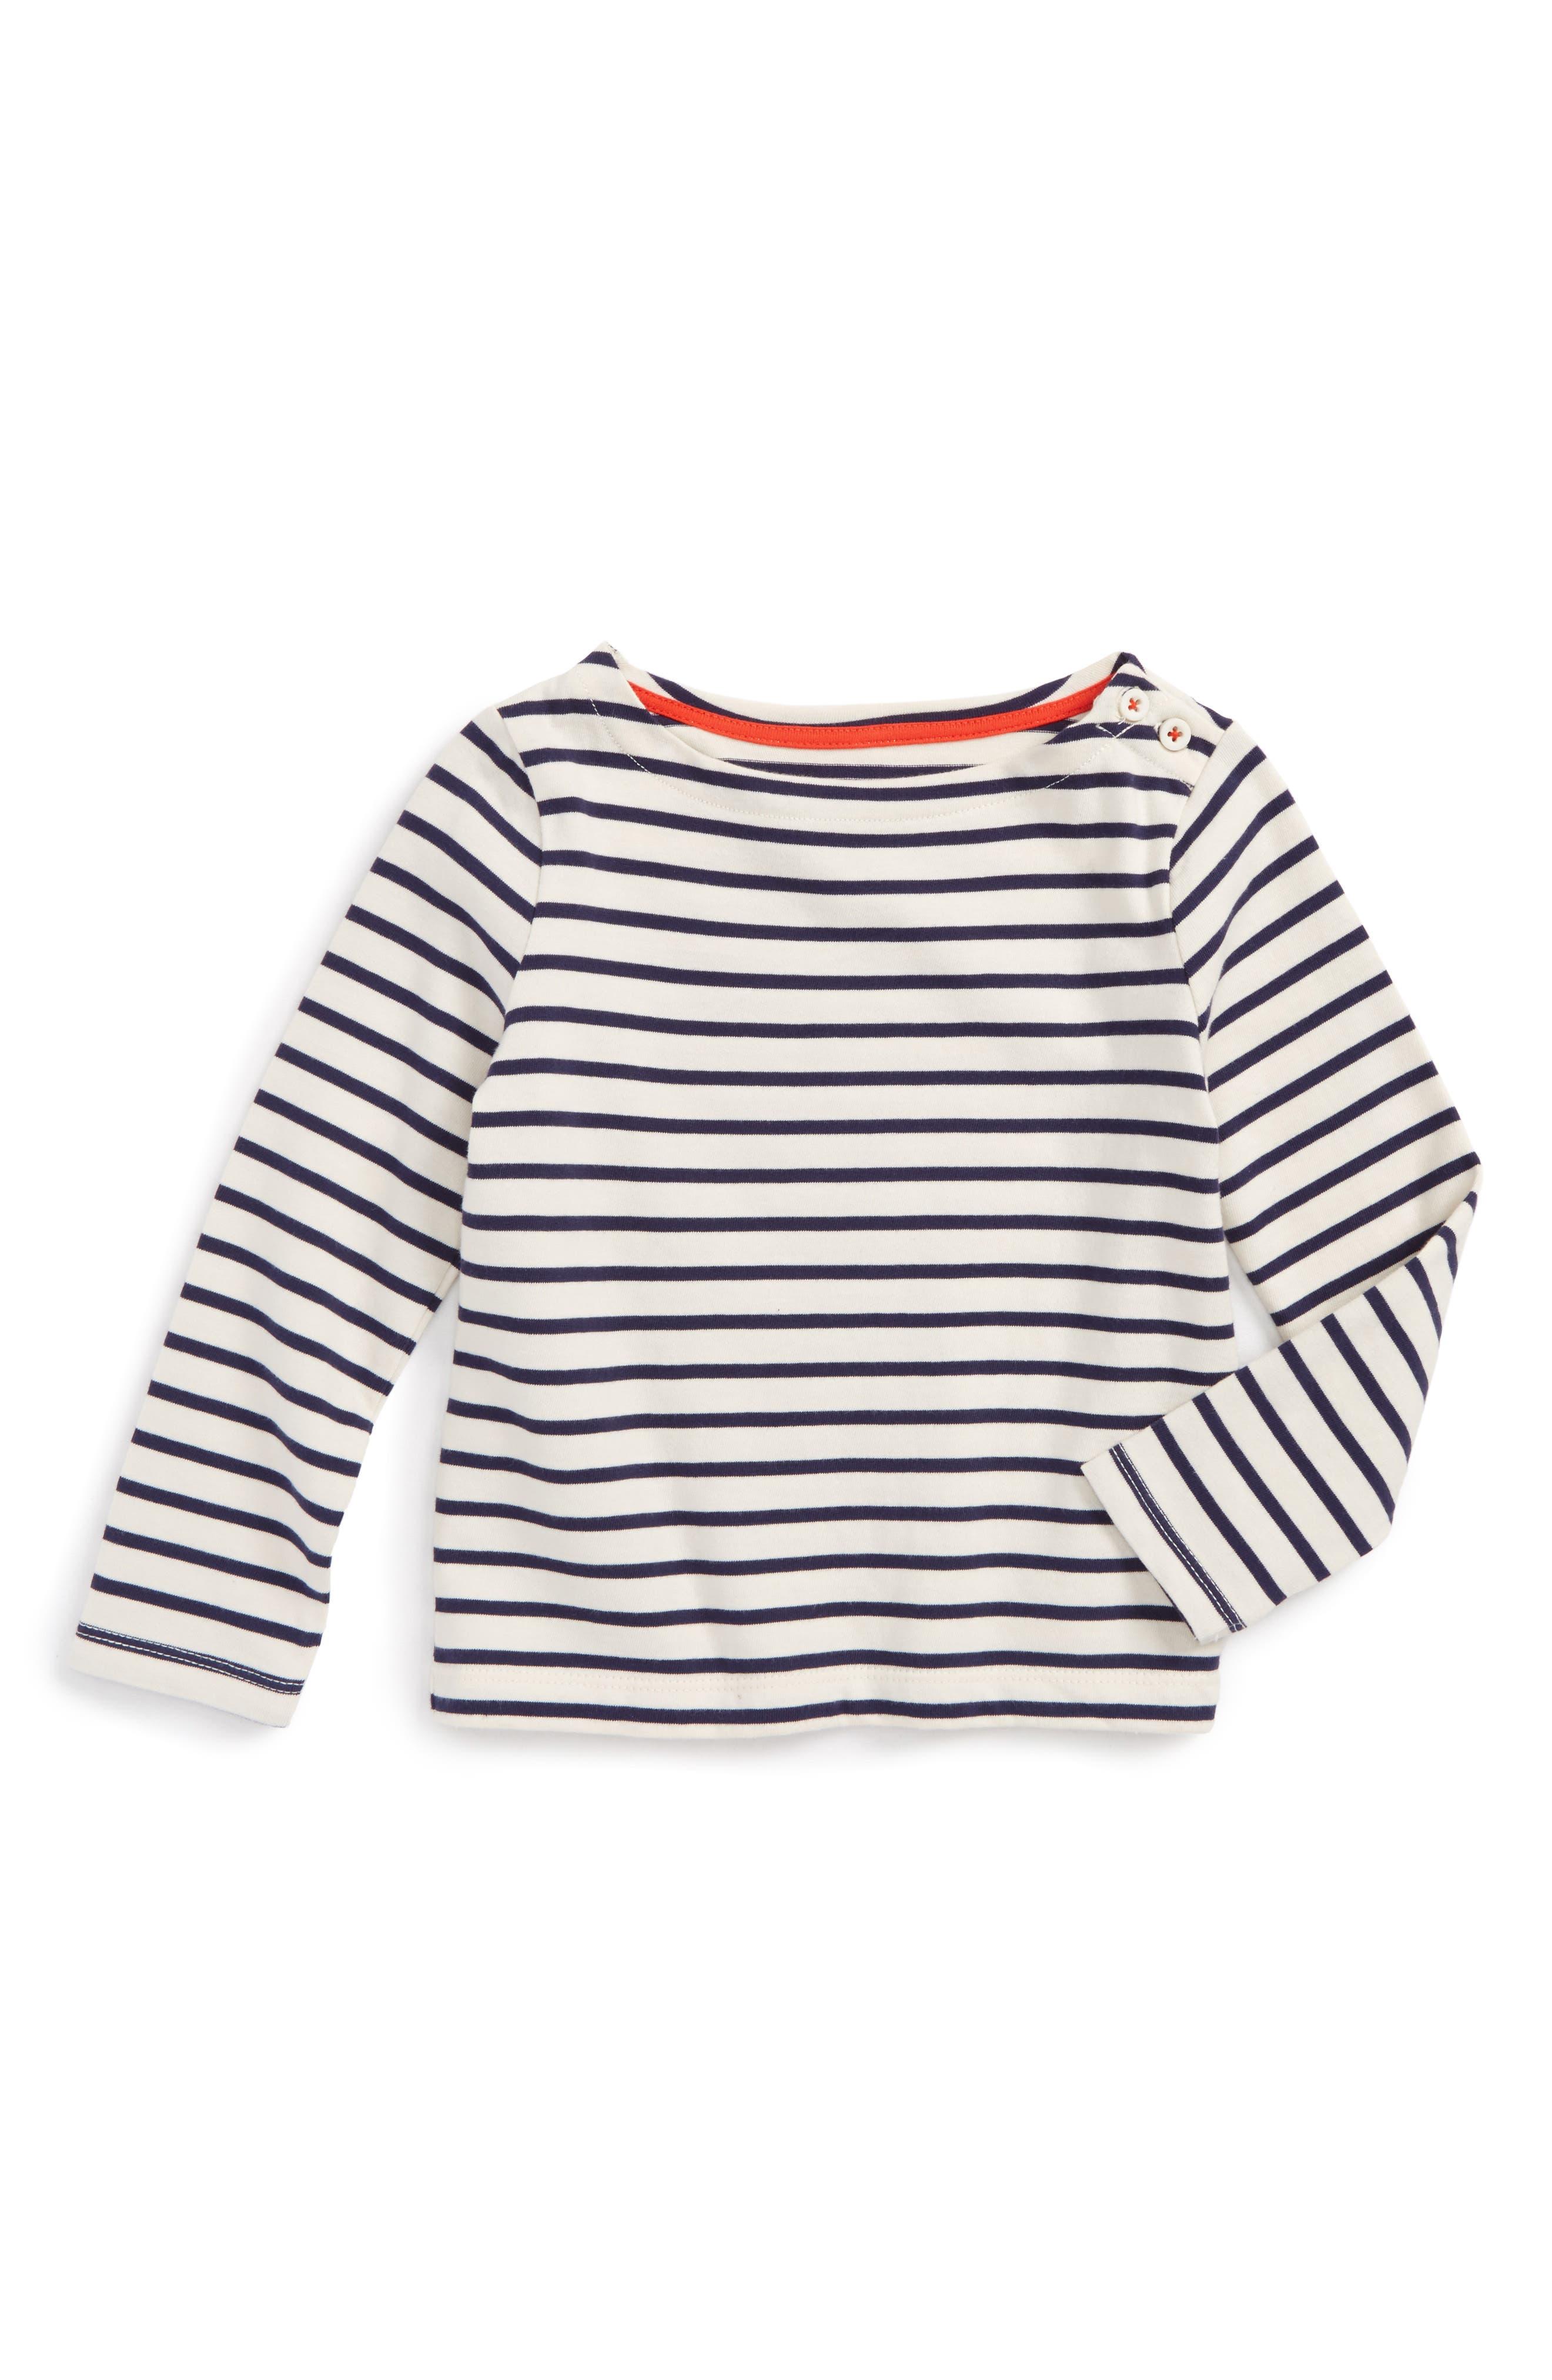 Mini Boden Breton Tee (Toddler Girls, Little Girls & Big Girls)